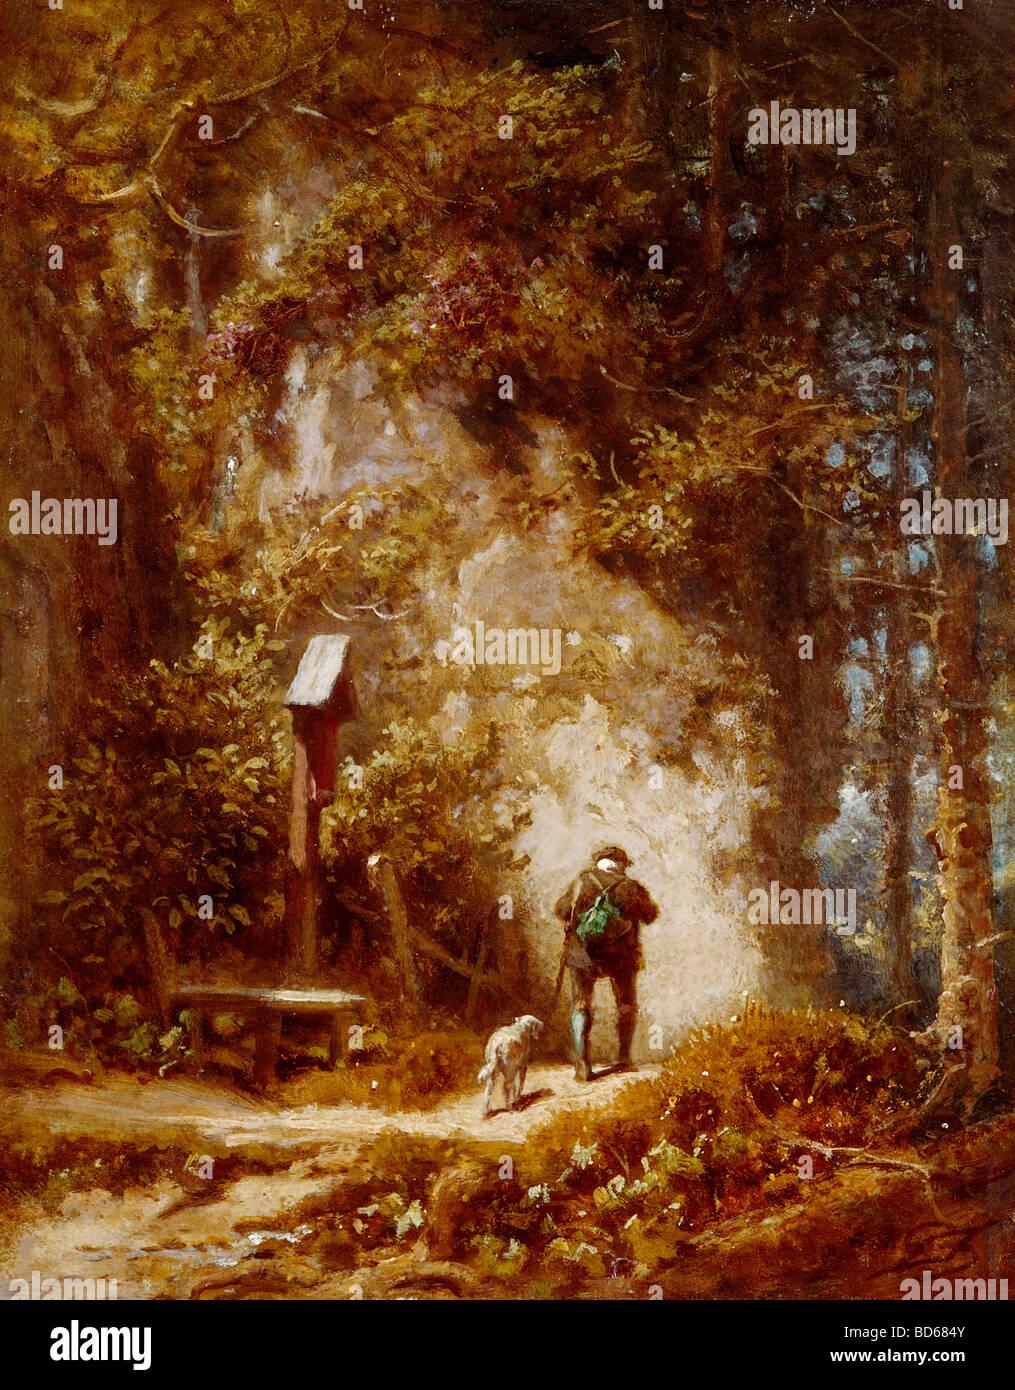 Beaux-arts, Spitzweg, Carl (1808 - 1885), peinture, chasseur dans la forêt, Wimmer Gallery, Munich, bois, bois, Banque D'Images